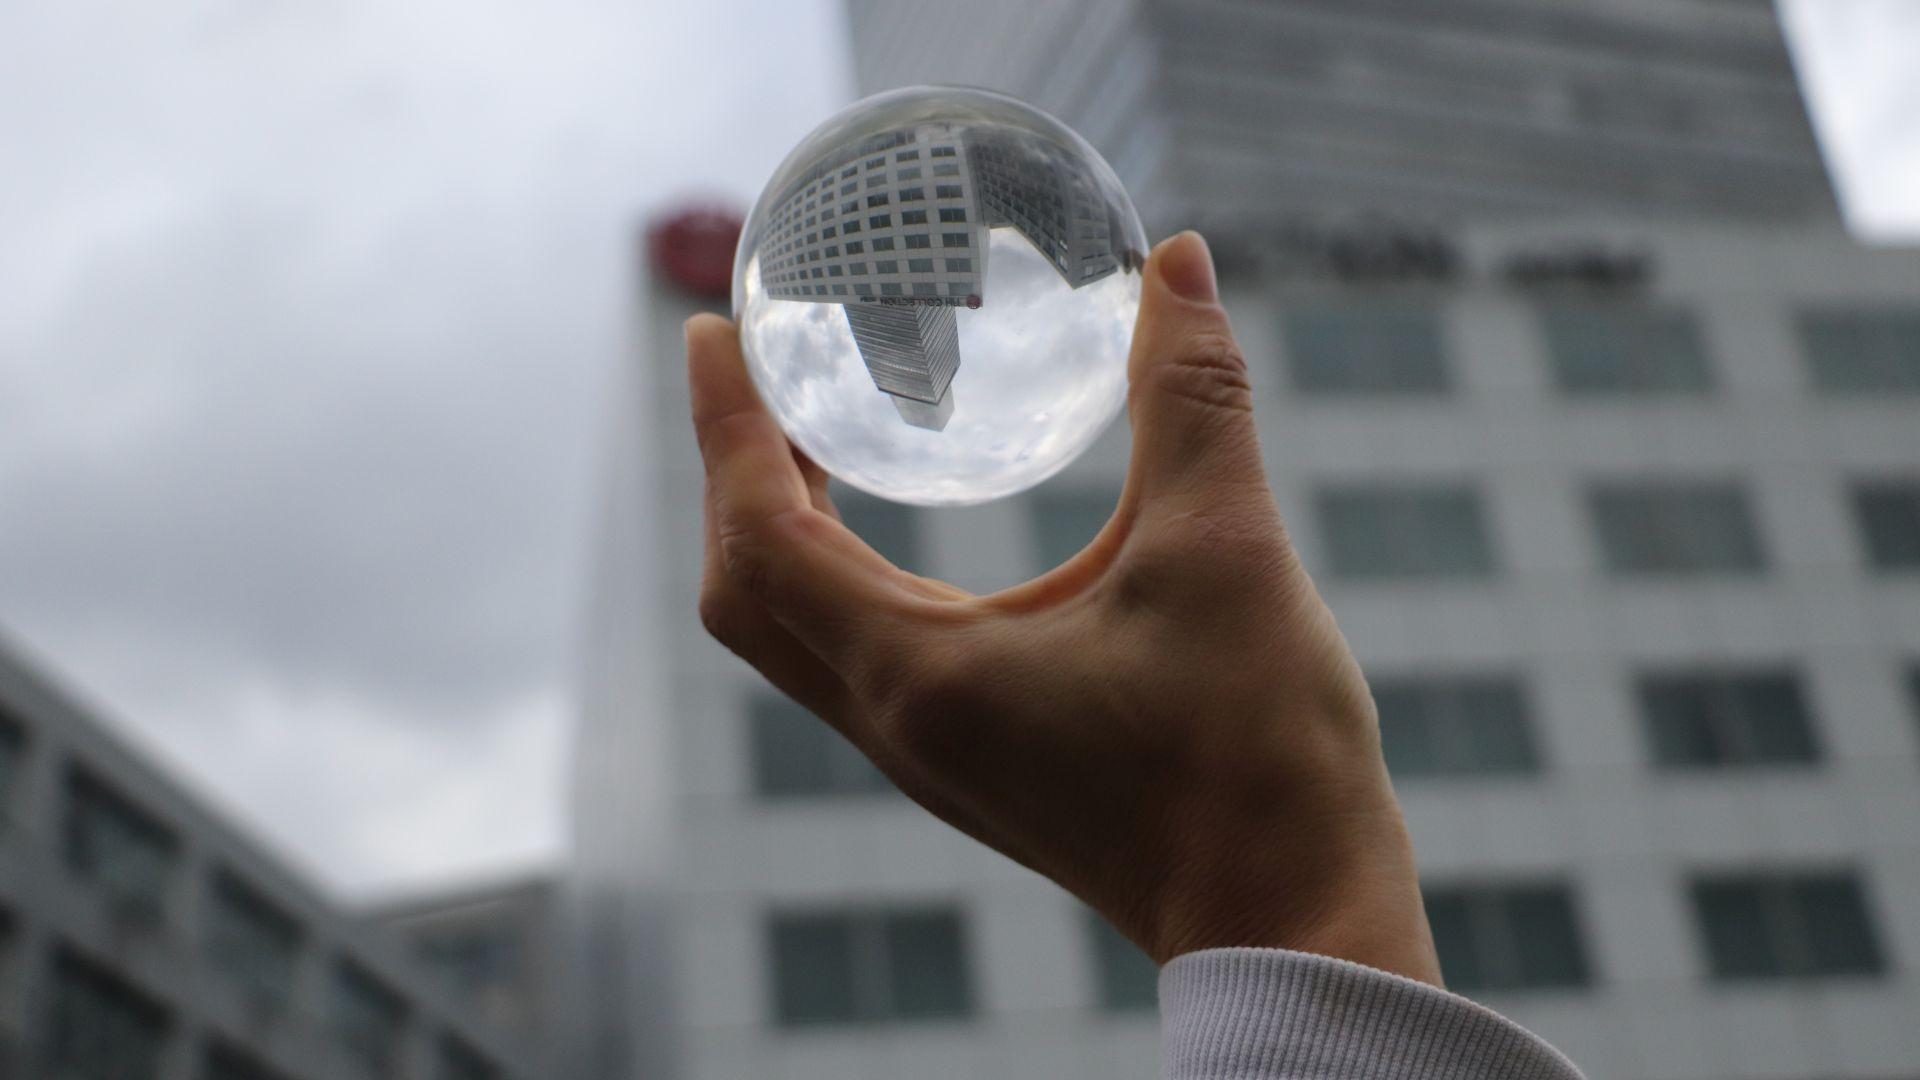 Eine Hand hält eine Glaskuel, darin spiegelt sich ein Gebäude